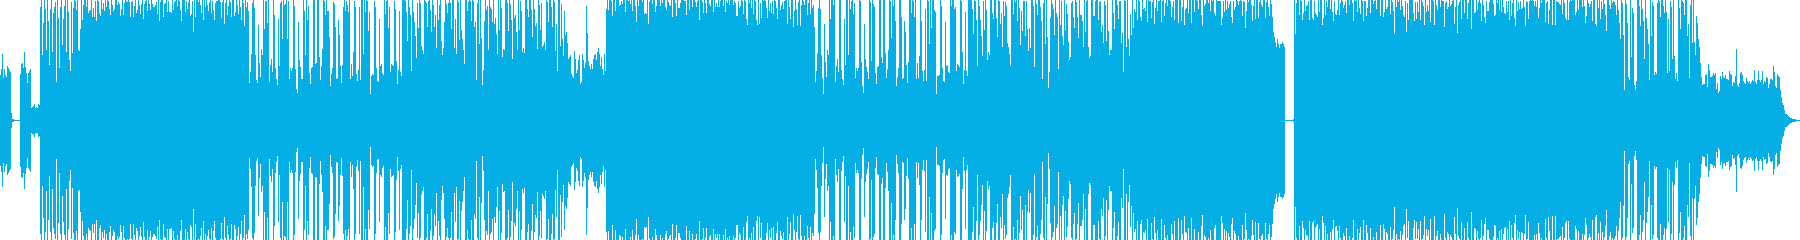 細かく動くドラムンベースの再生済みの波形